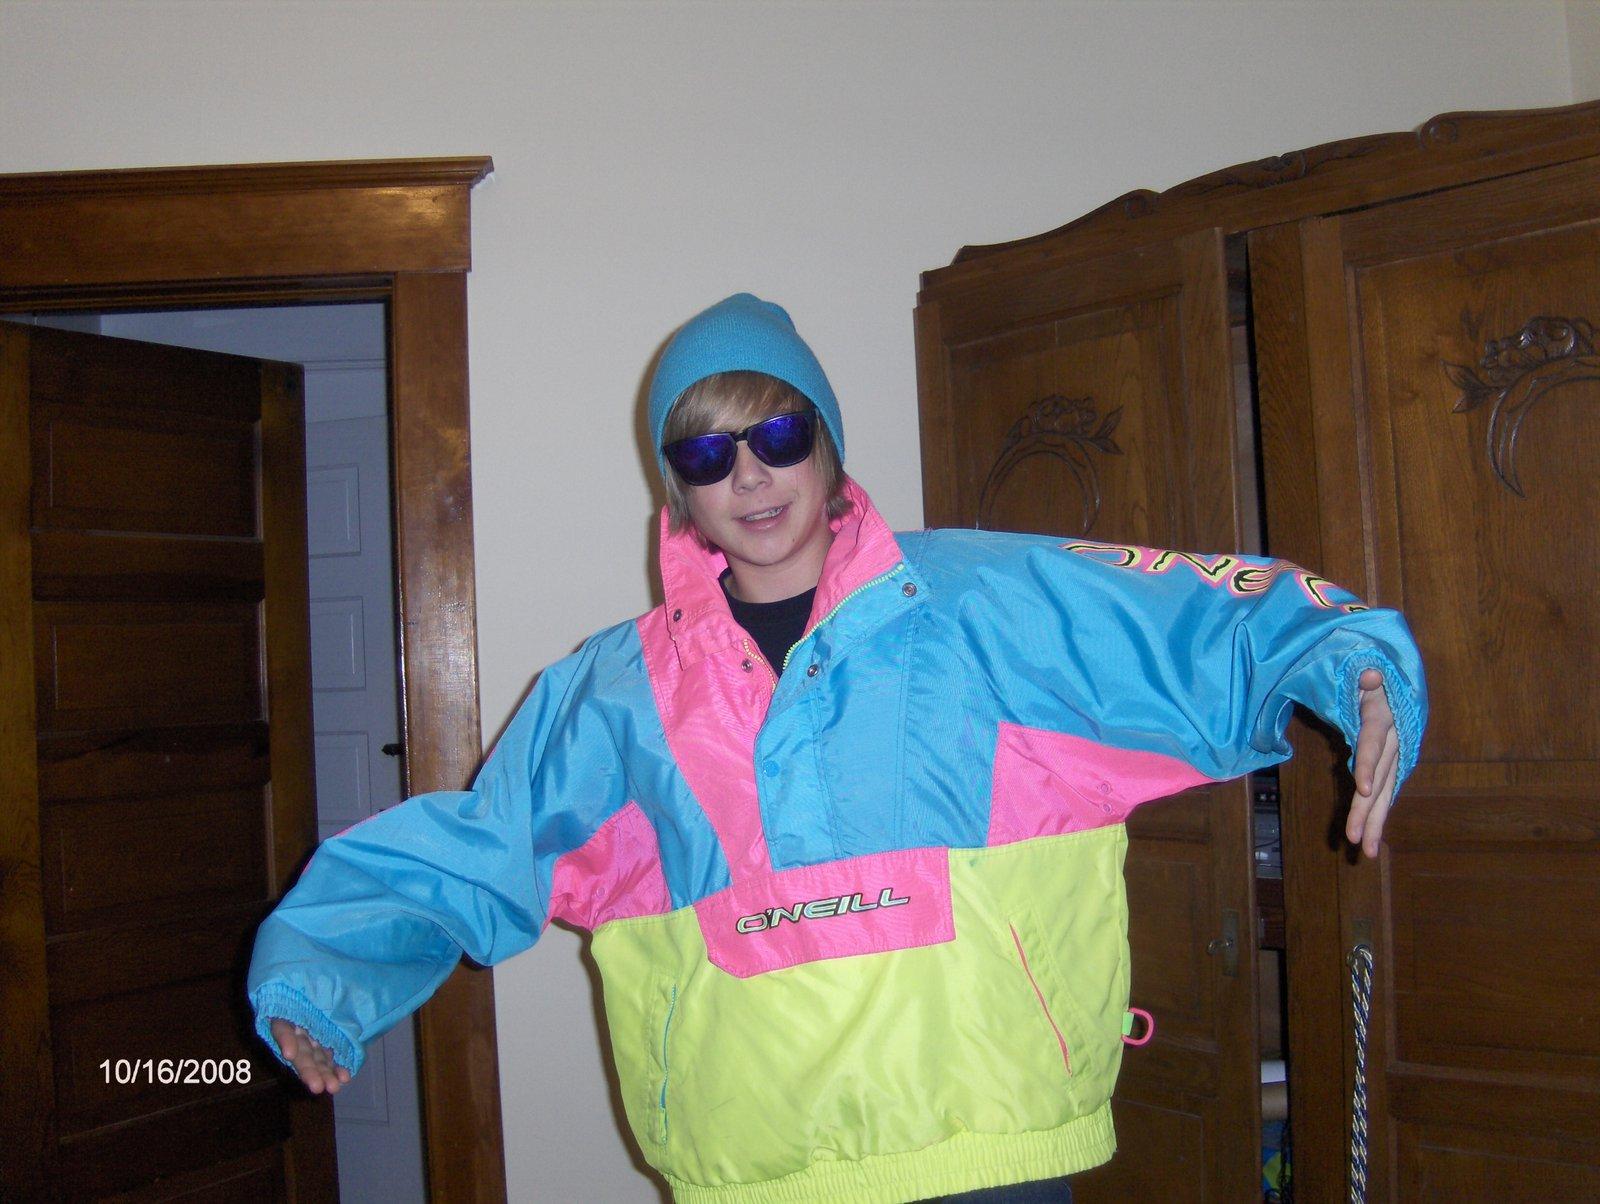 Oneil jacket